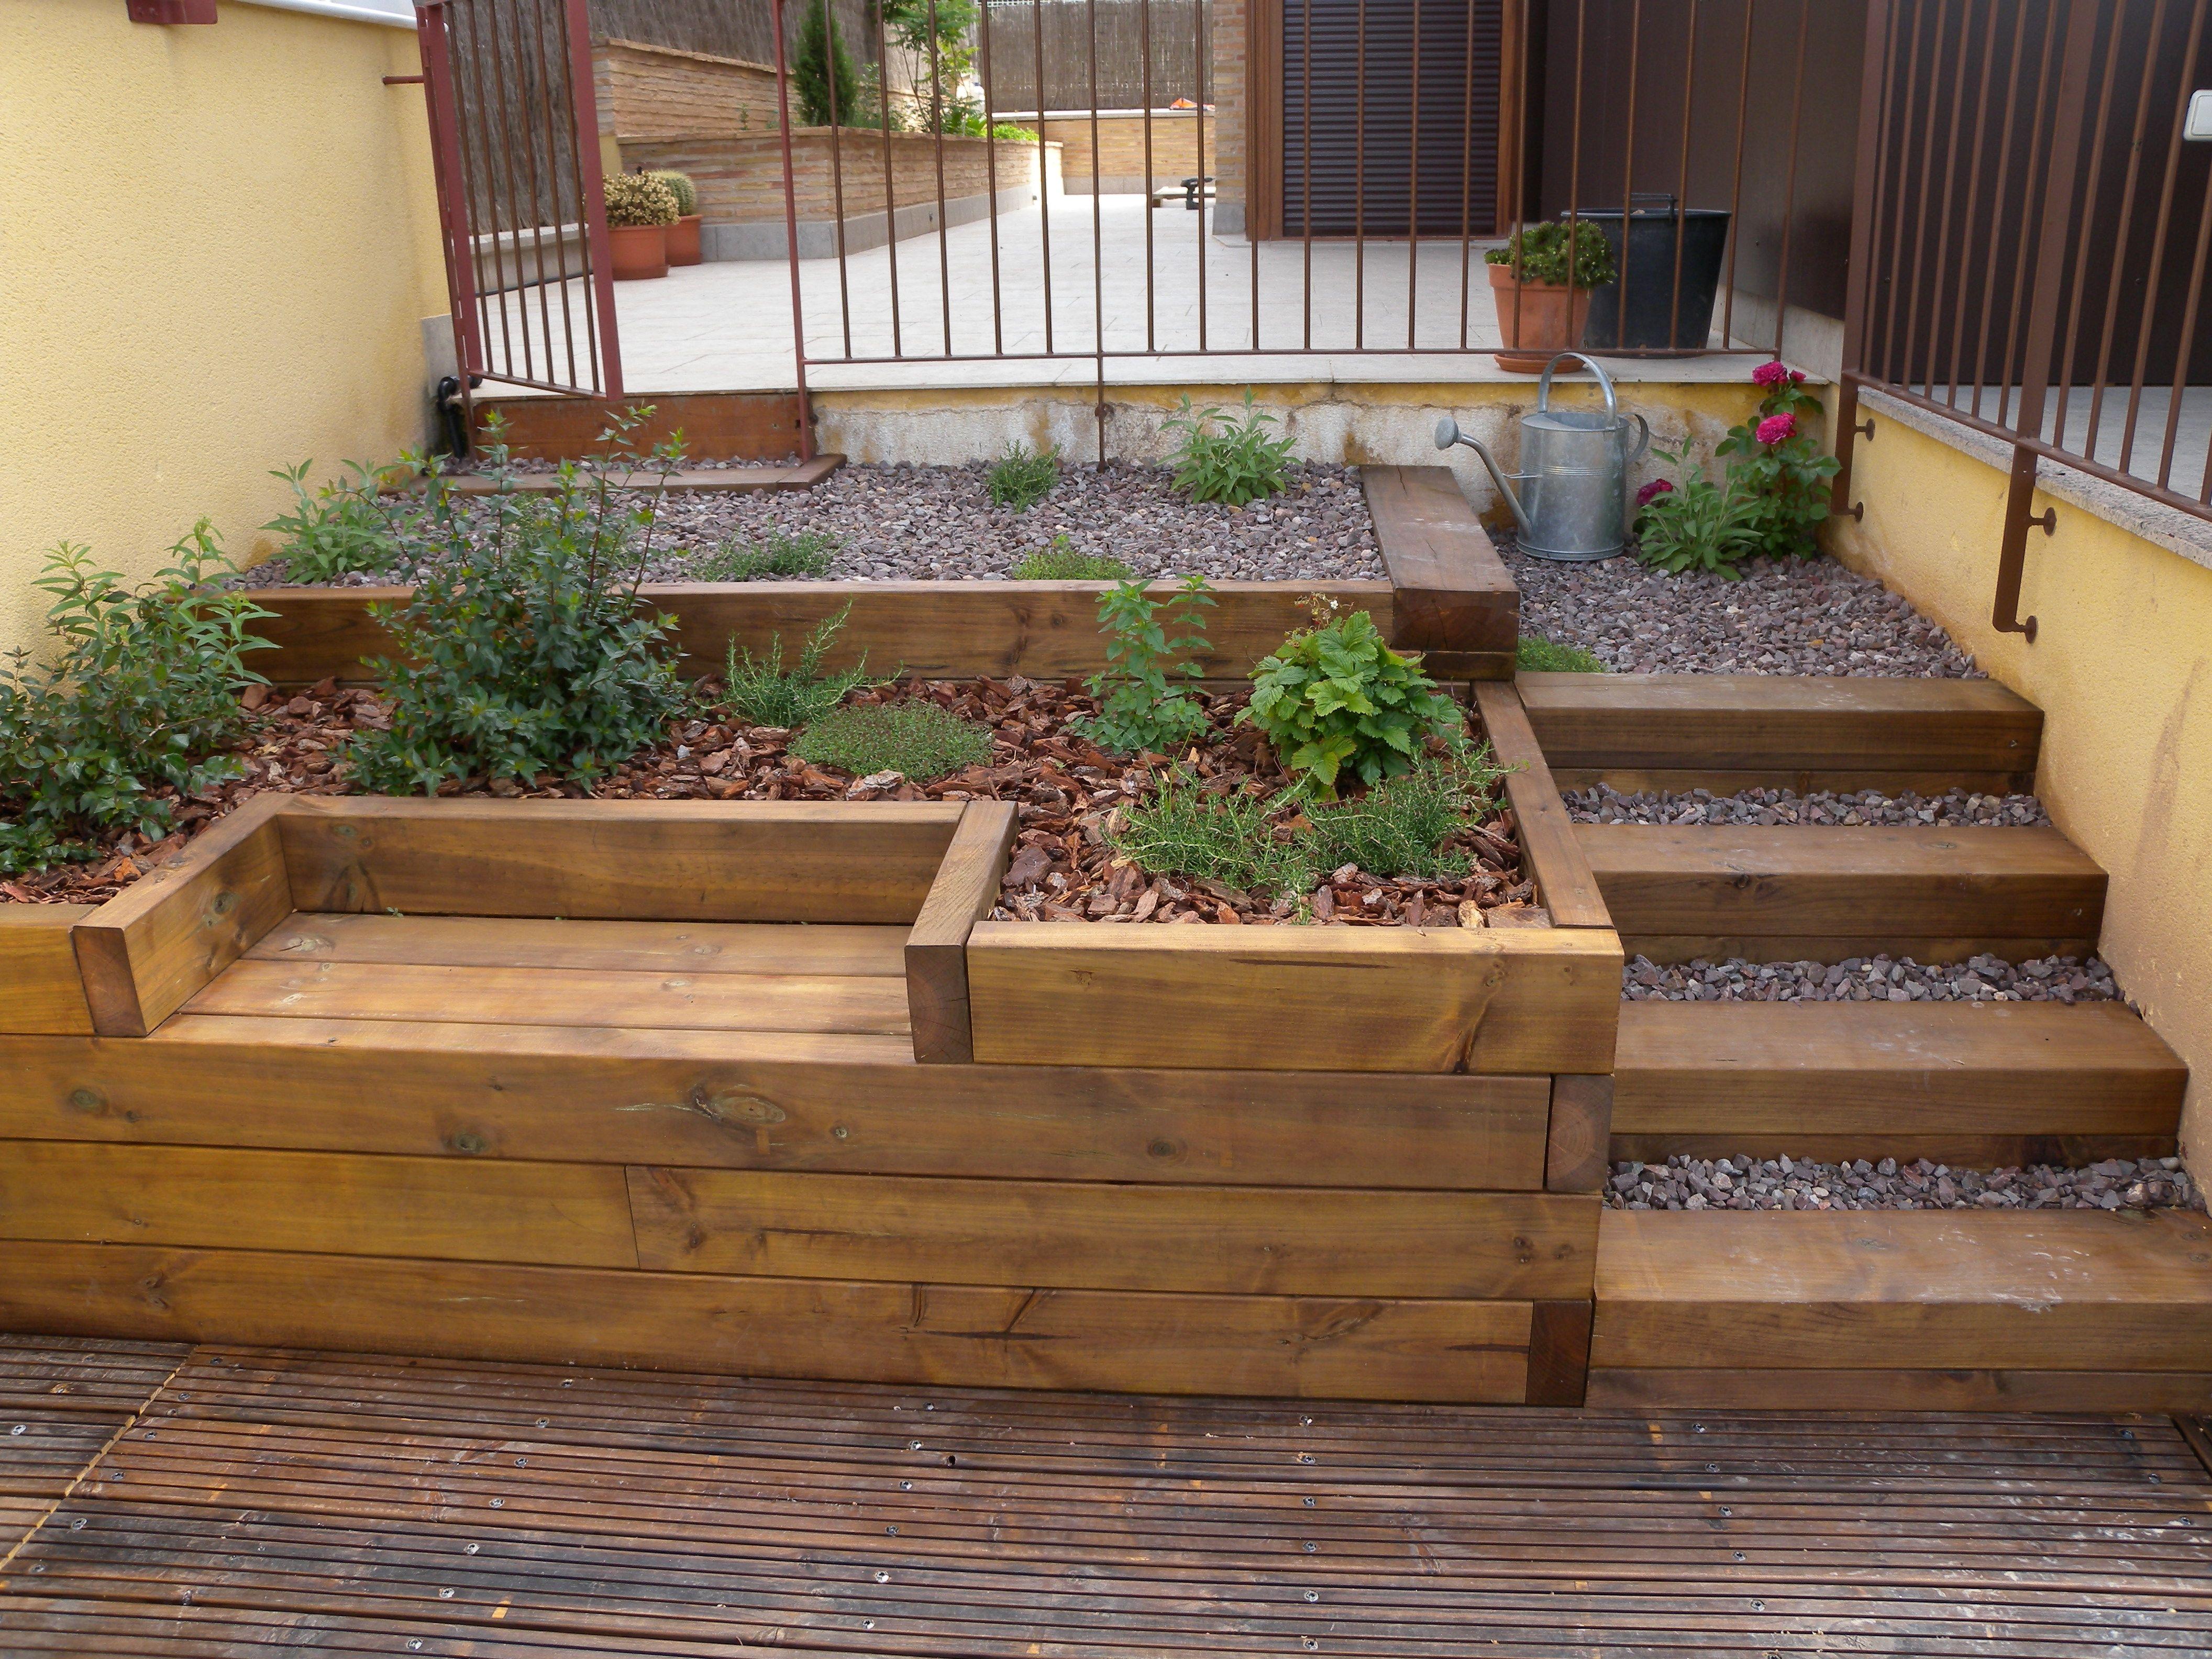 Escaleras banco y jardinera resueltos con traviesas de for Escalera de jardin de madera